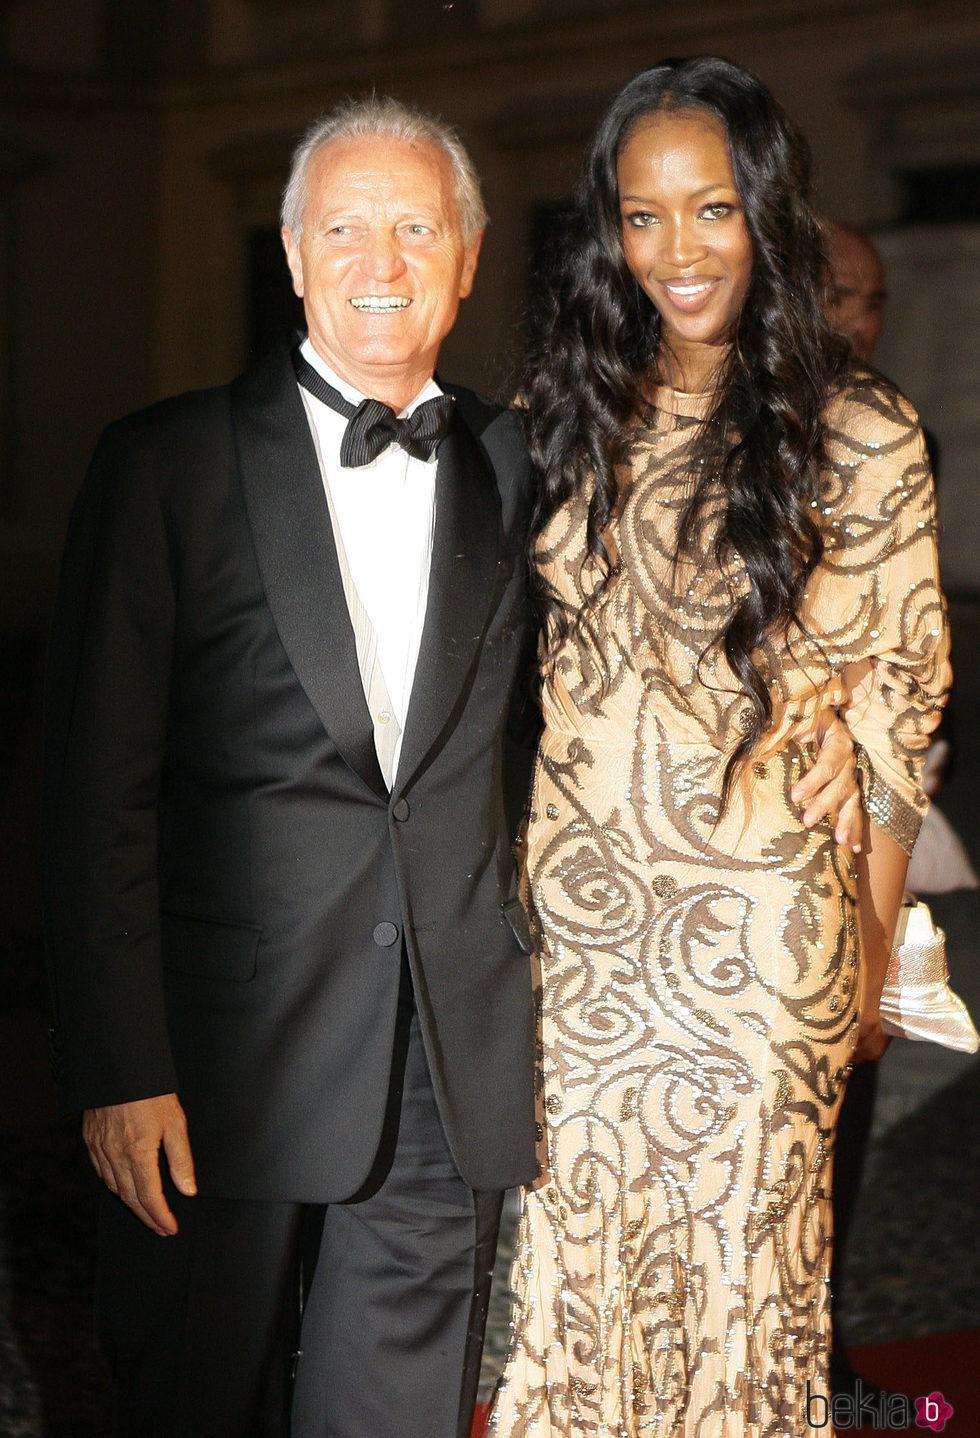 Santo Versace con Naomi Campbell en 'Thank you Gianni with love'